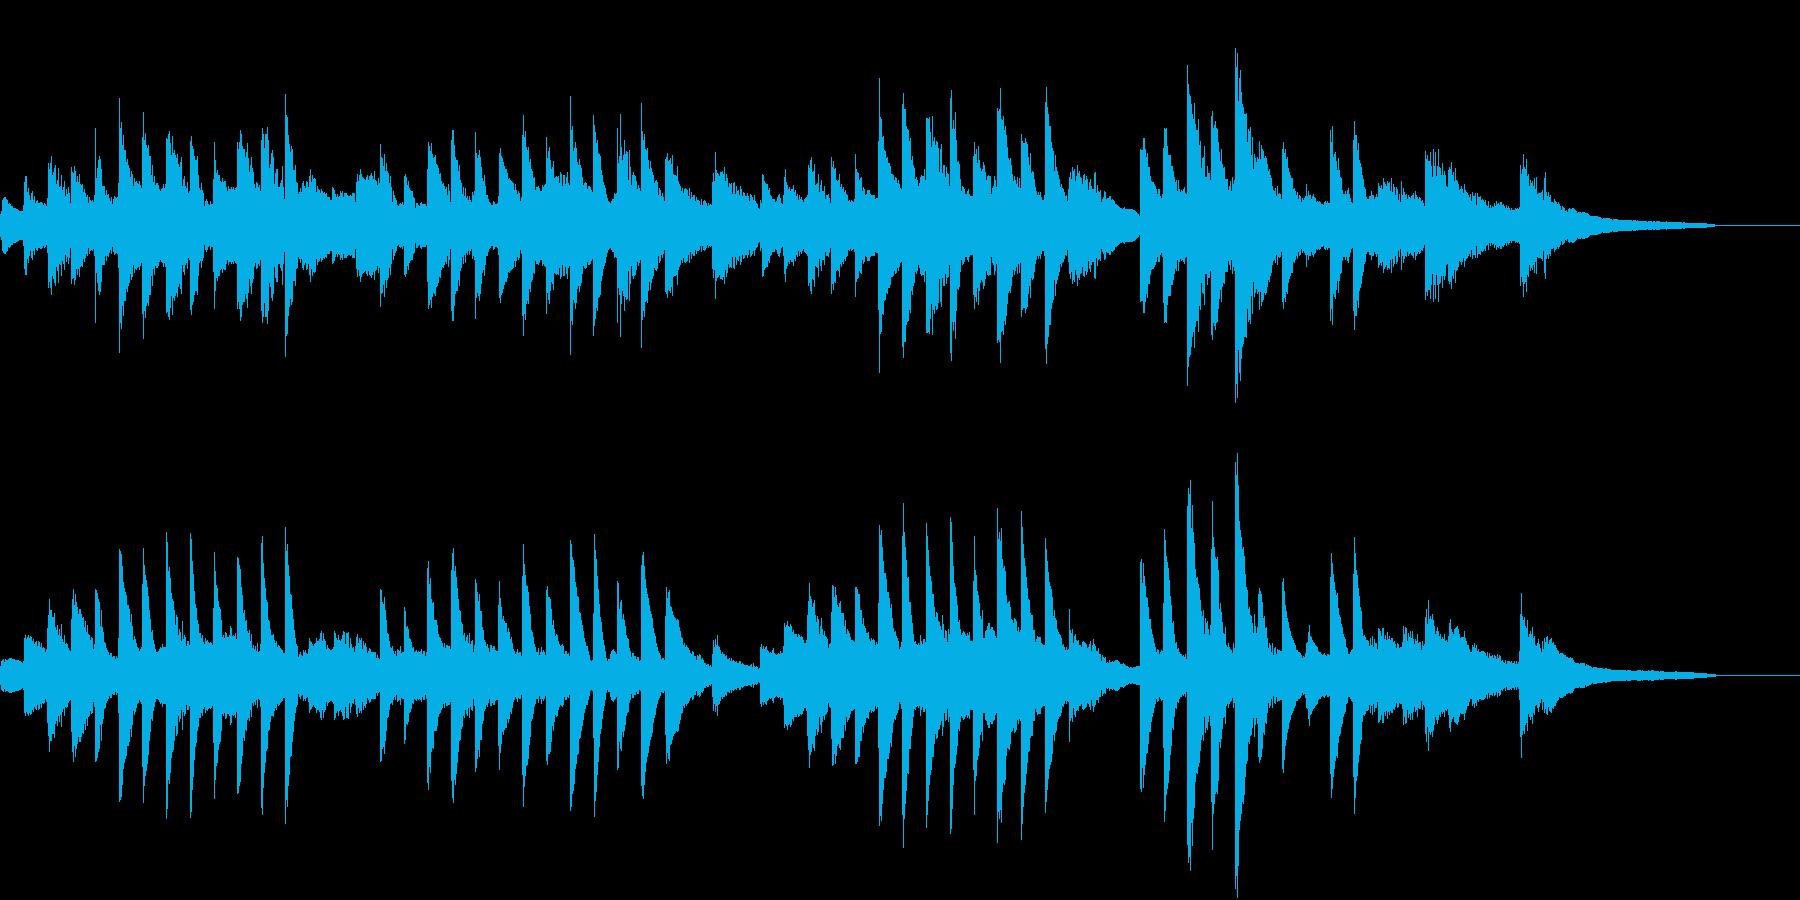 ヨナ抜き音階の涼しく美しいピアノジングルの再生済みの波形